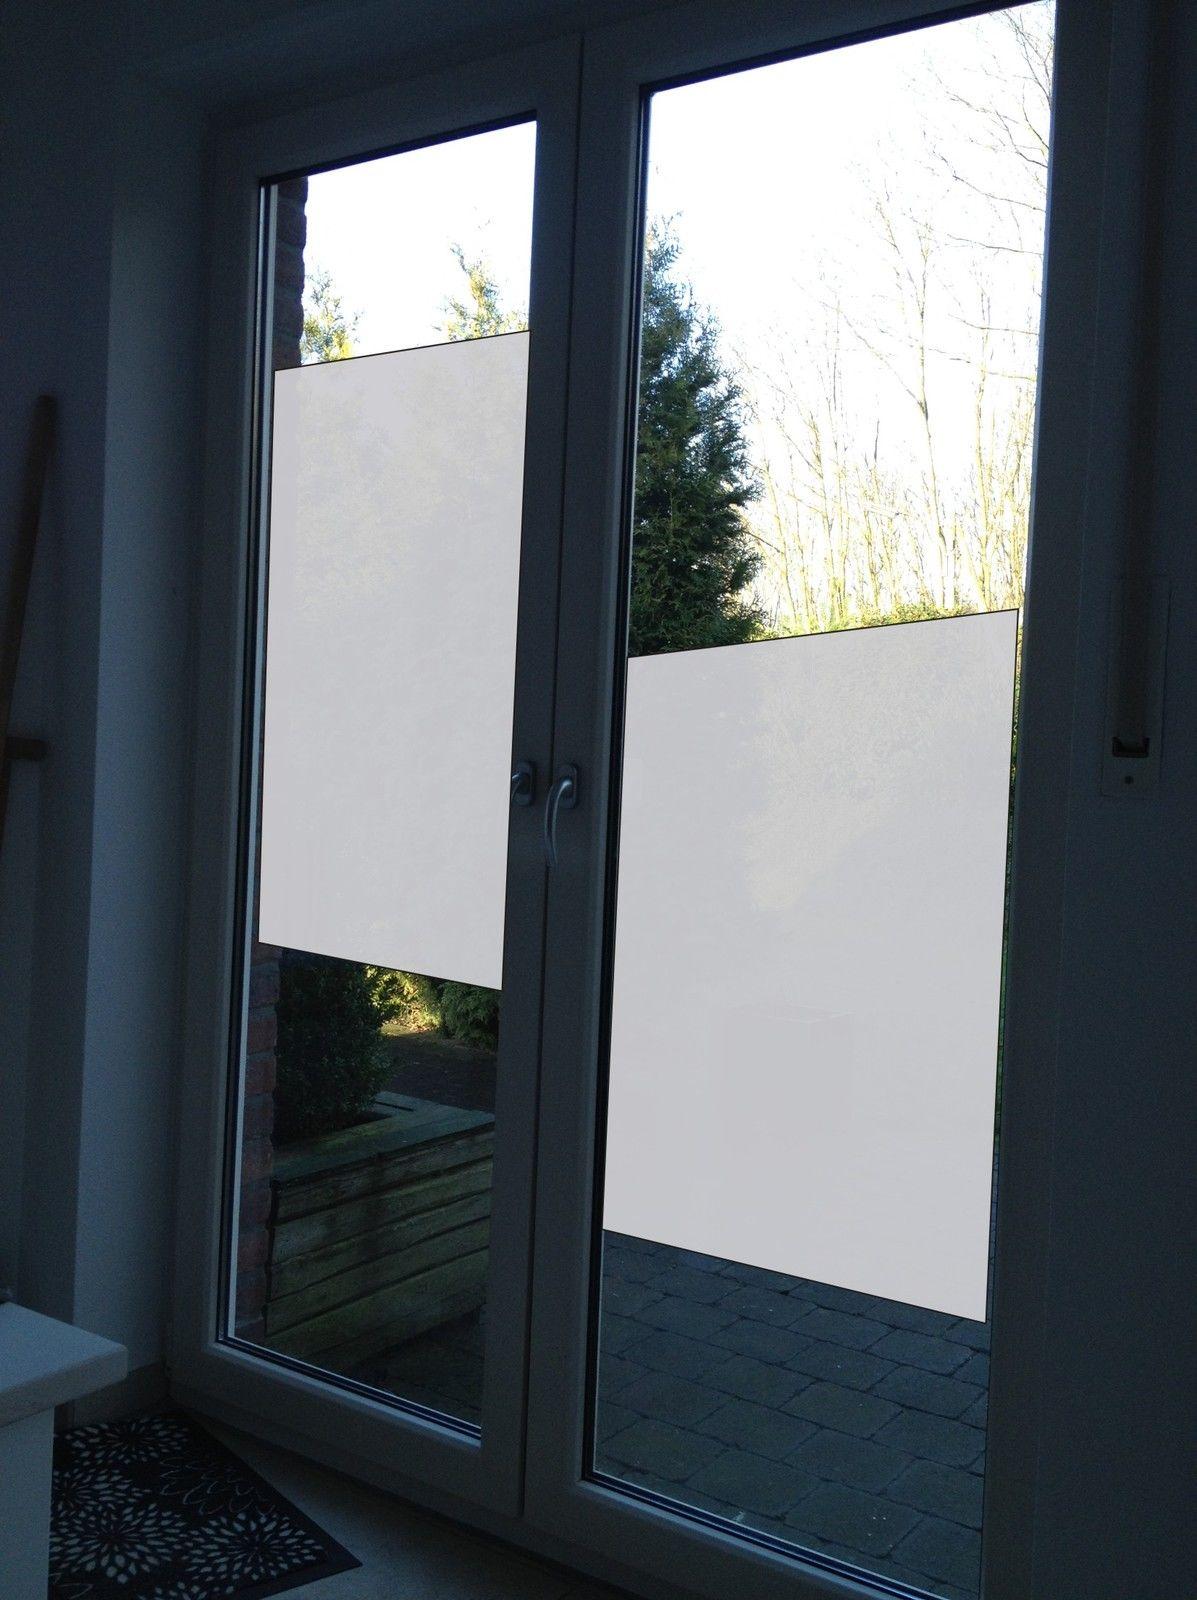 Full Size of Fenster Folie Fensterfolie Entfernen Kosten Blasen Fensterfolien Gegen Hitze Selbsthaftende Obi Sichtschutz Statische Bauhaus Blickdichte Sonnenschutz Statisch Fenster Fenster Folie